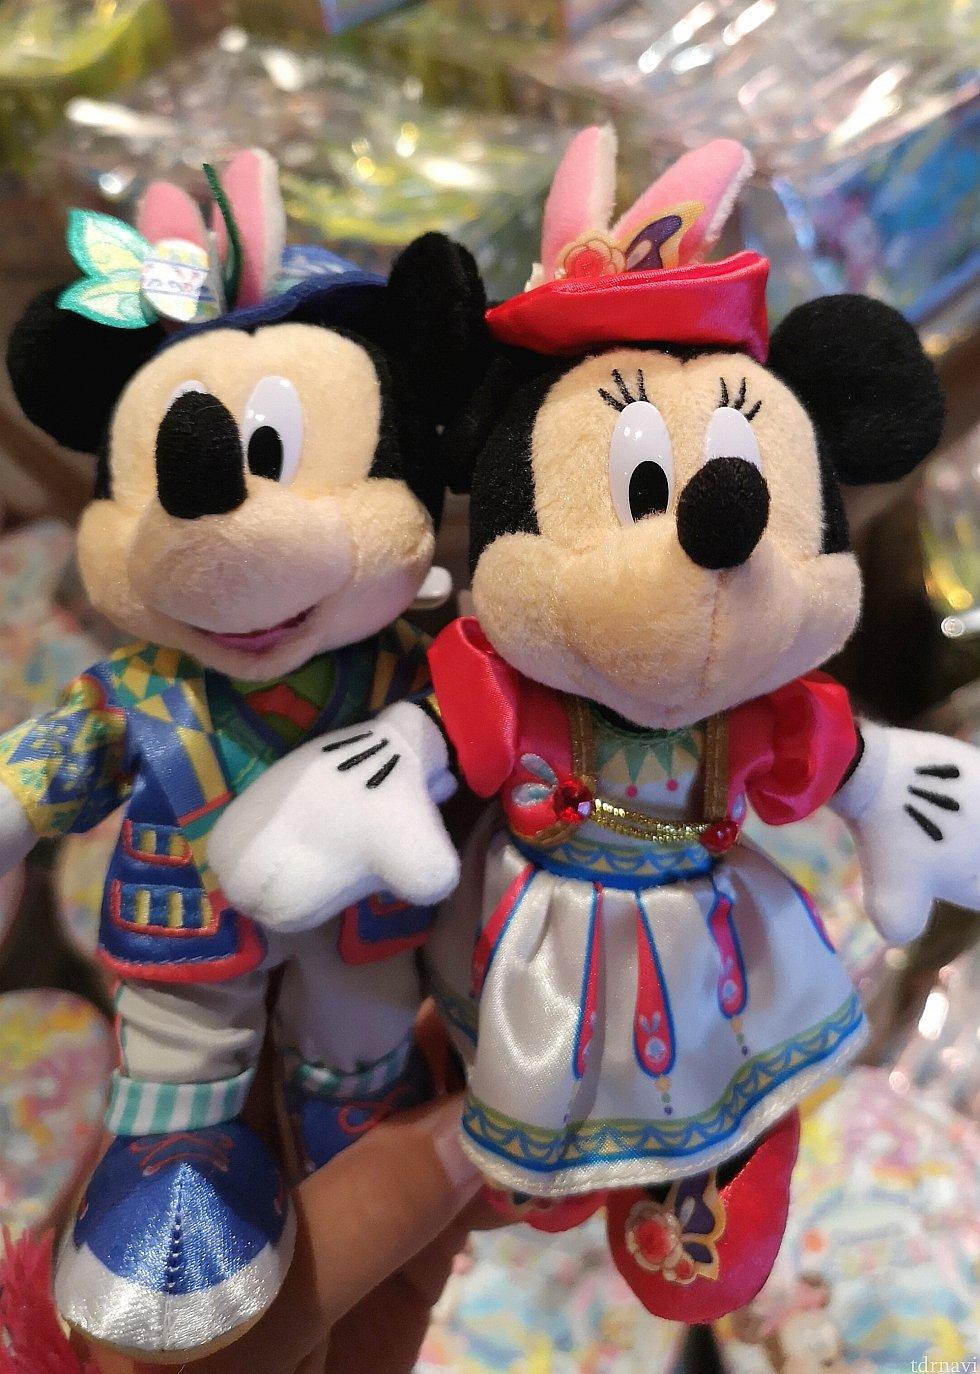 ミッキーとミニーちゃんのぬいぐるみバッジ、各1,700円。